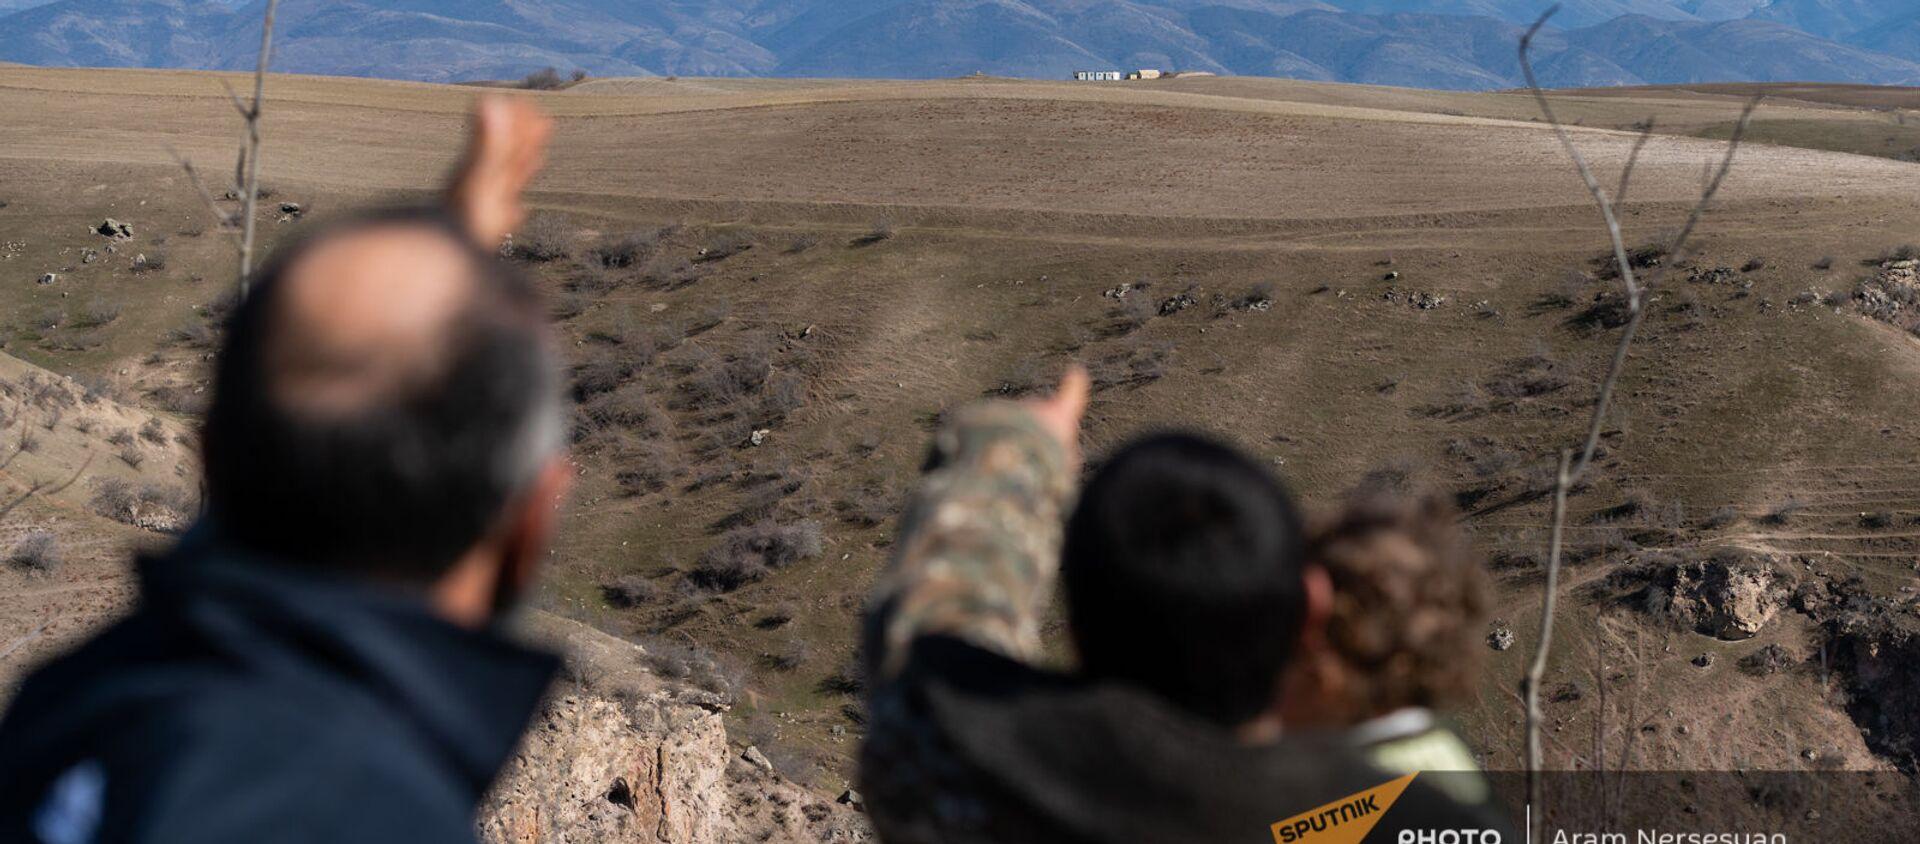 Жители села Неркин Хндзореск Сюникской области показывают на азербайджанский пост  - Sputnik Արմենիա, 1920, 26.04.2021